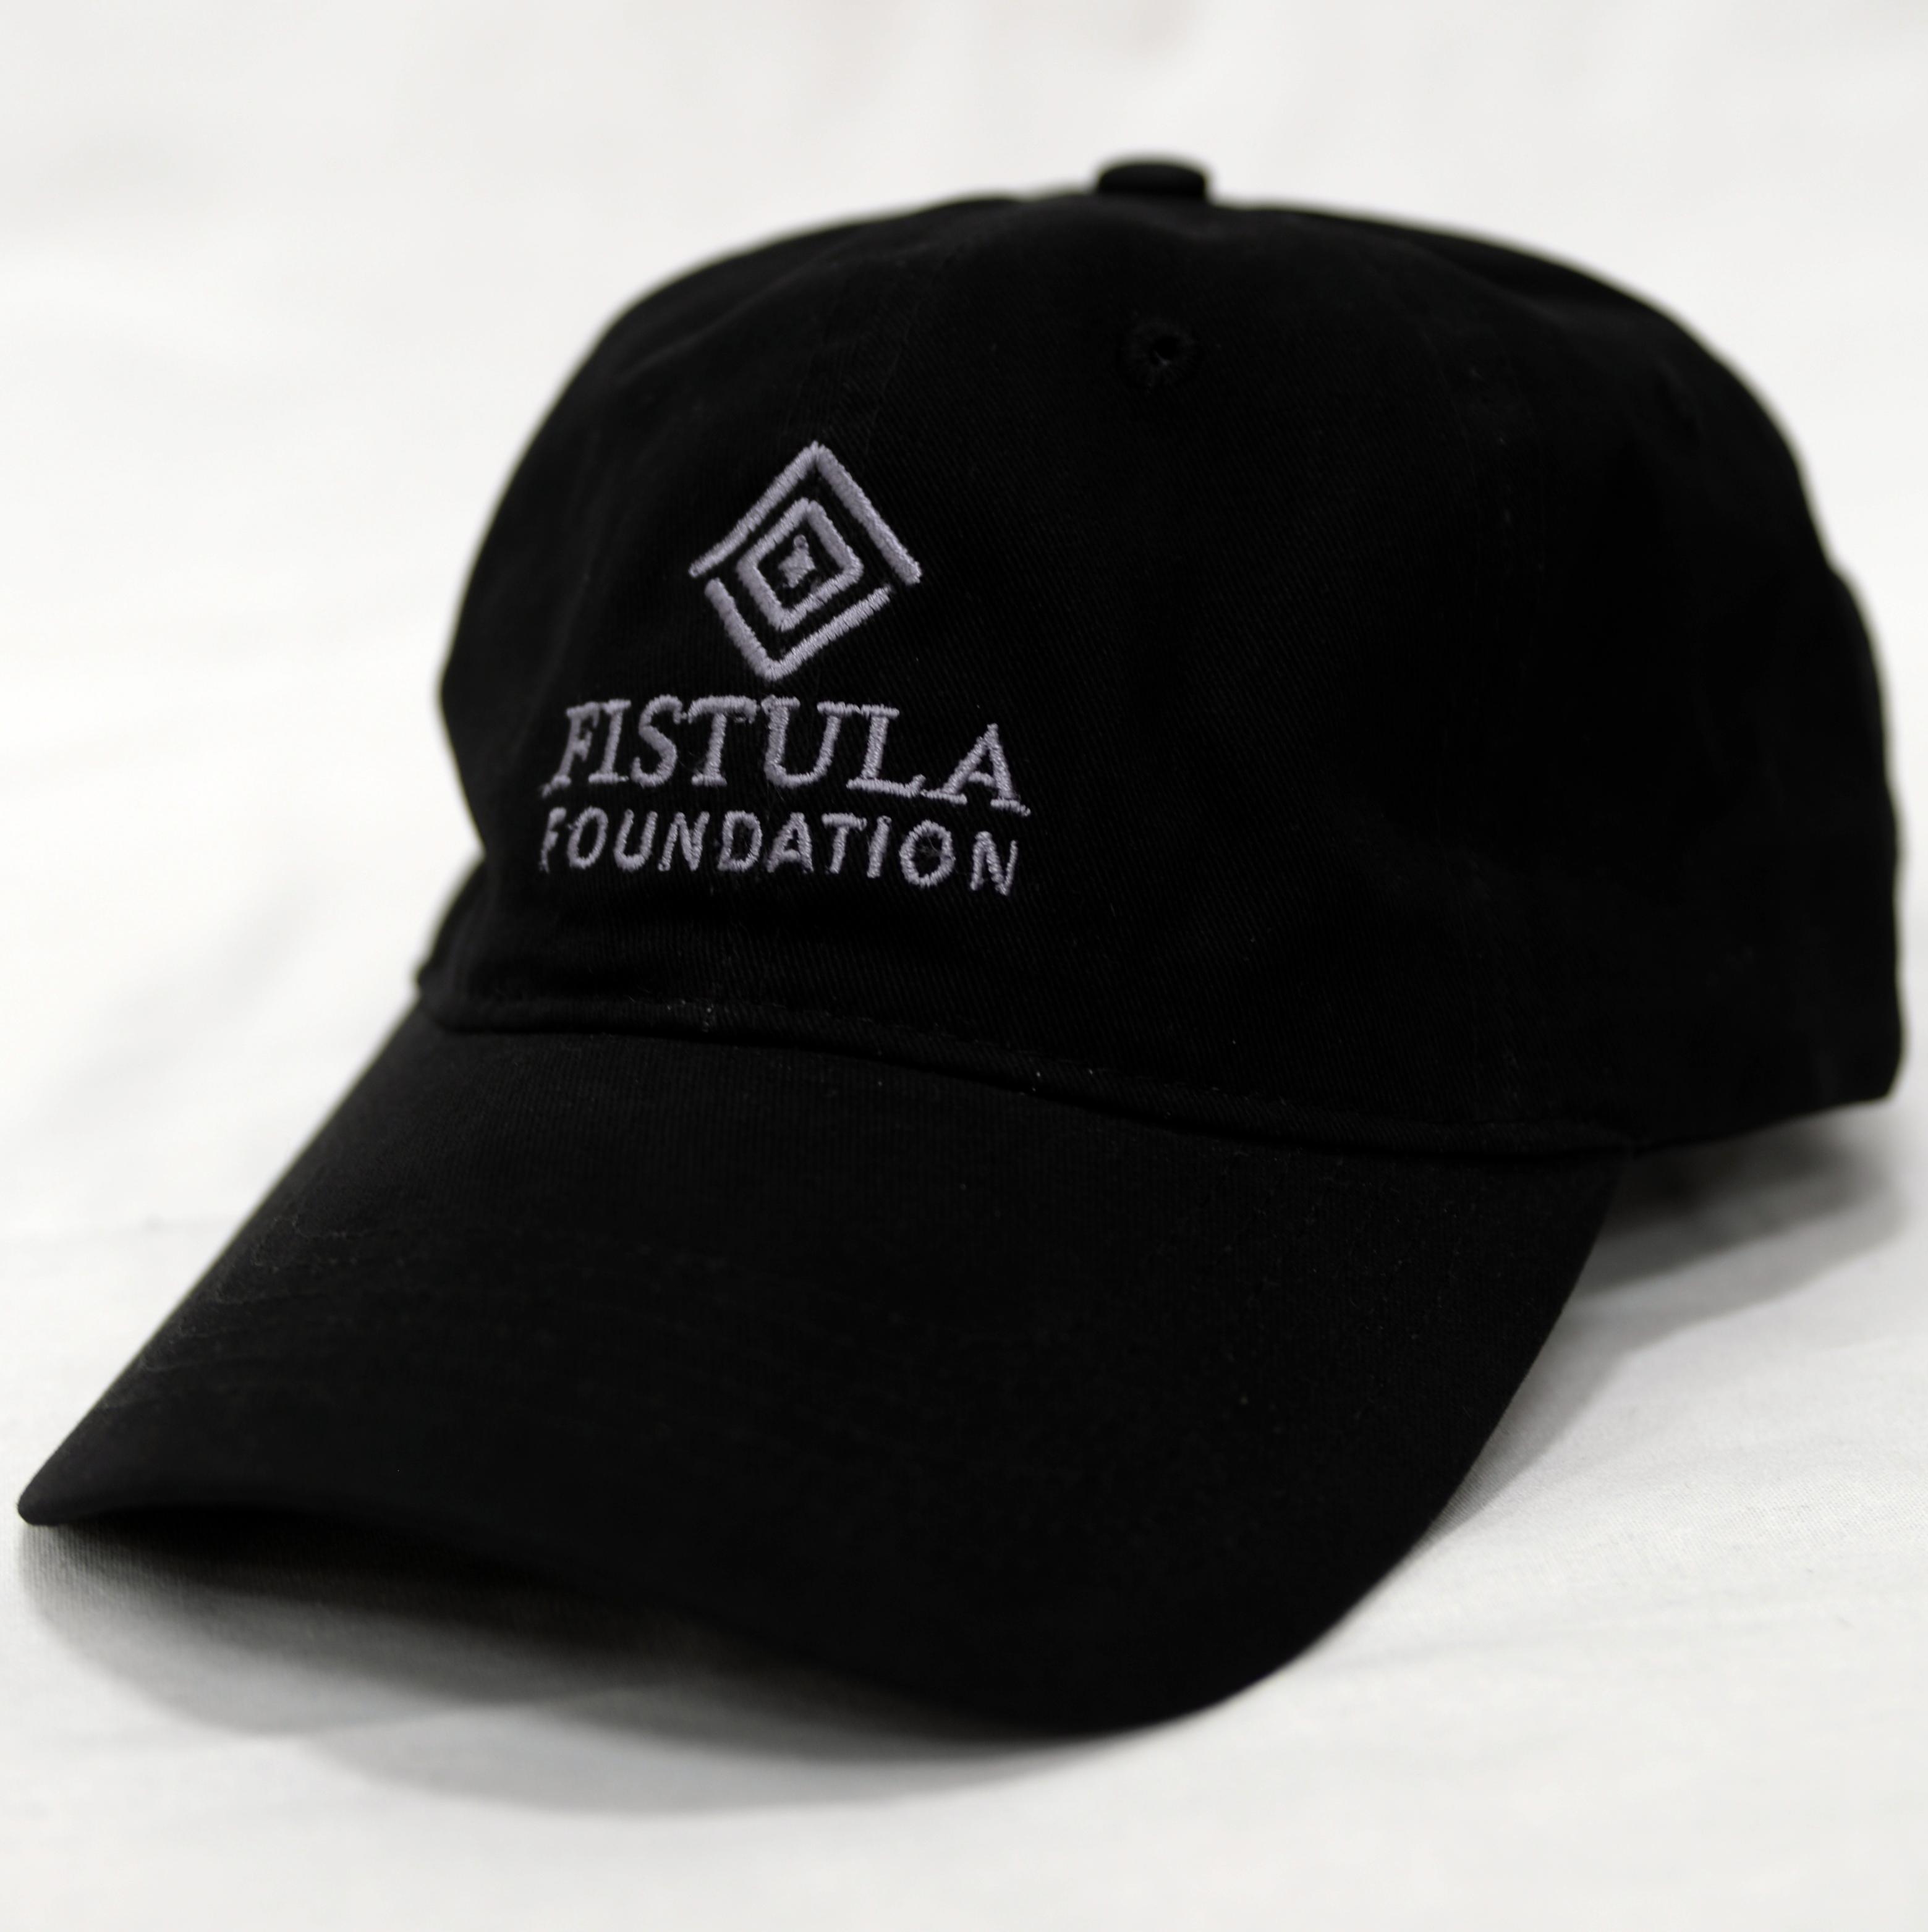 Fistula Foundation GIfts That Heal - Diamond Logo Hat